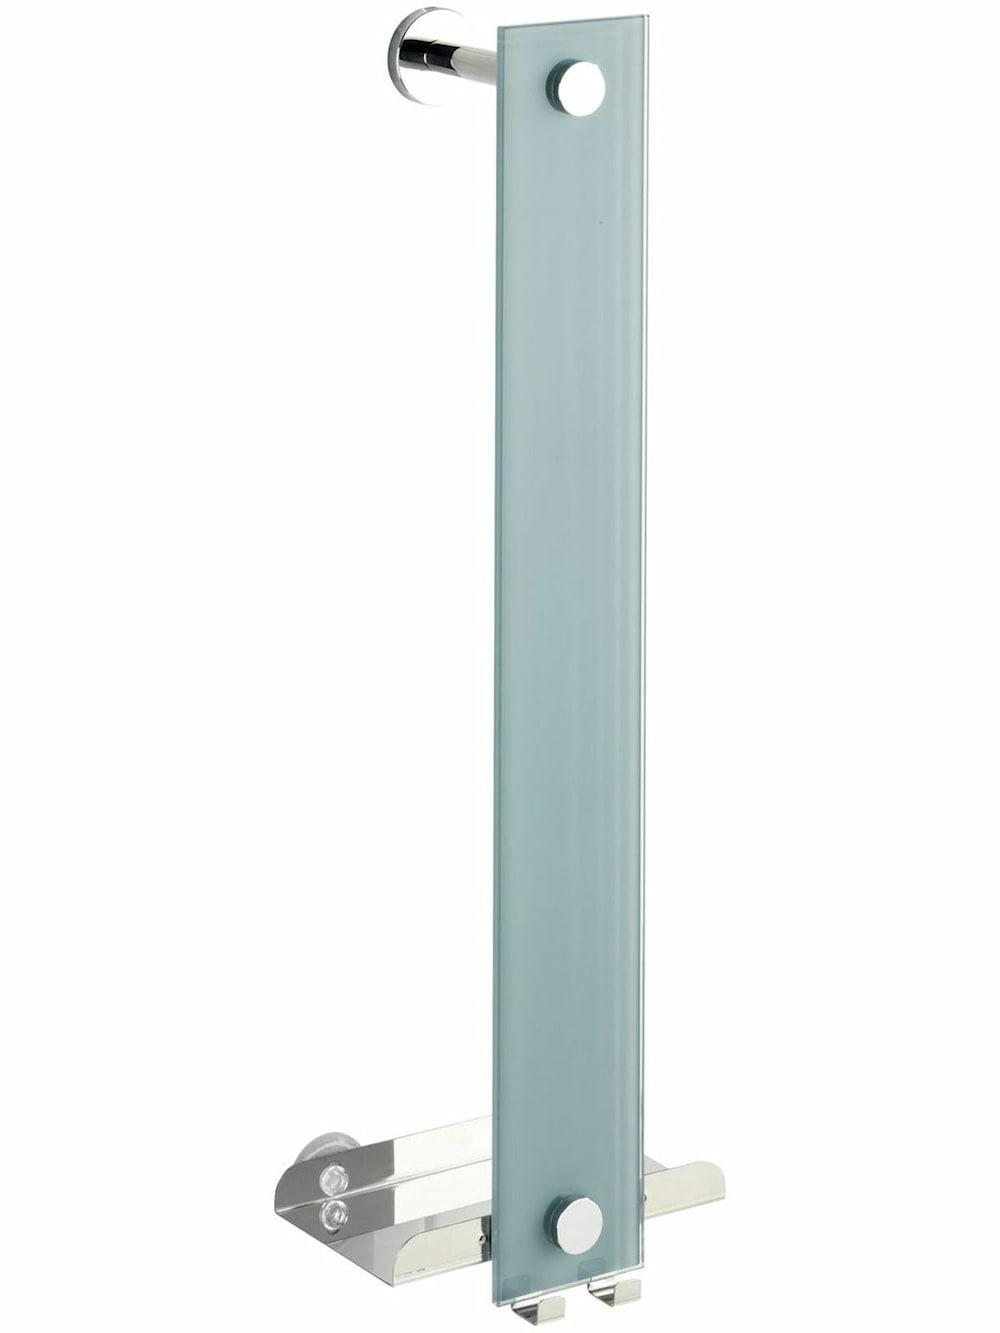 Wenko Power Loc Handtuchhalter Era Glas Befestigen ohne bohren